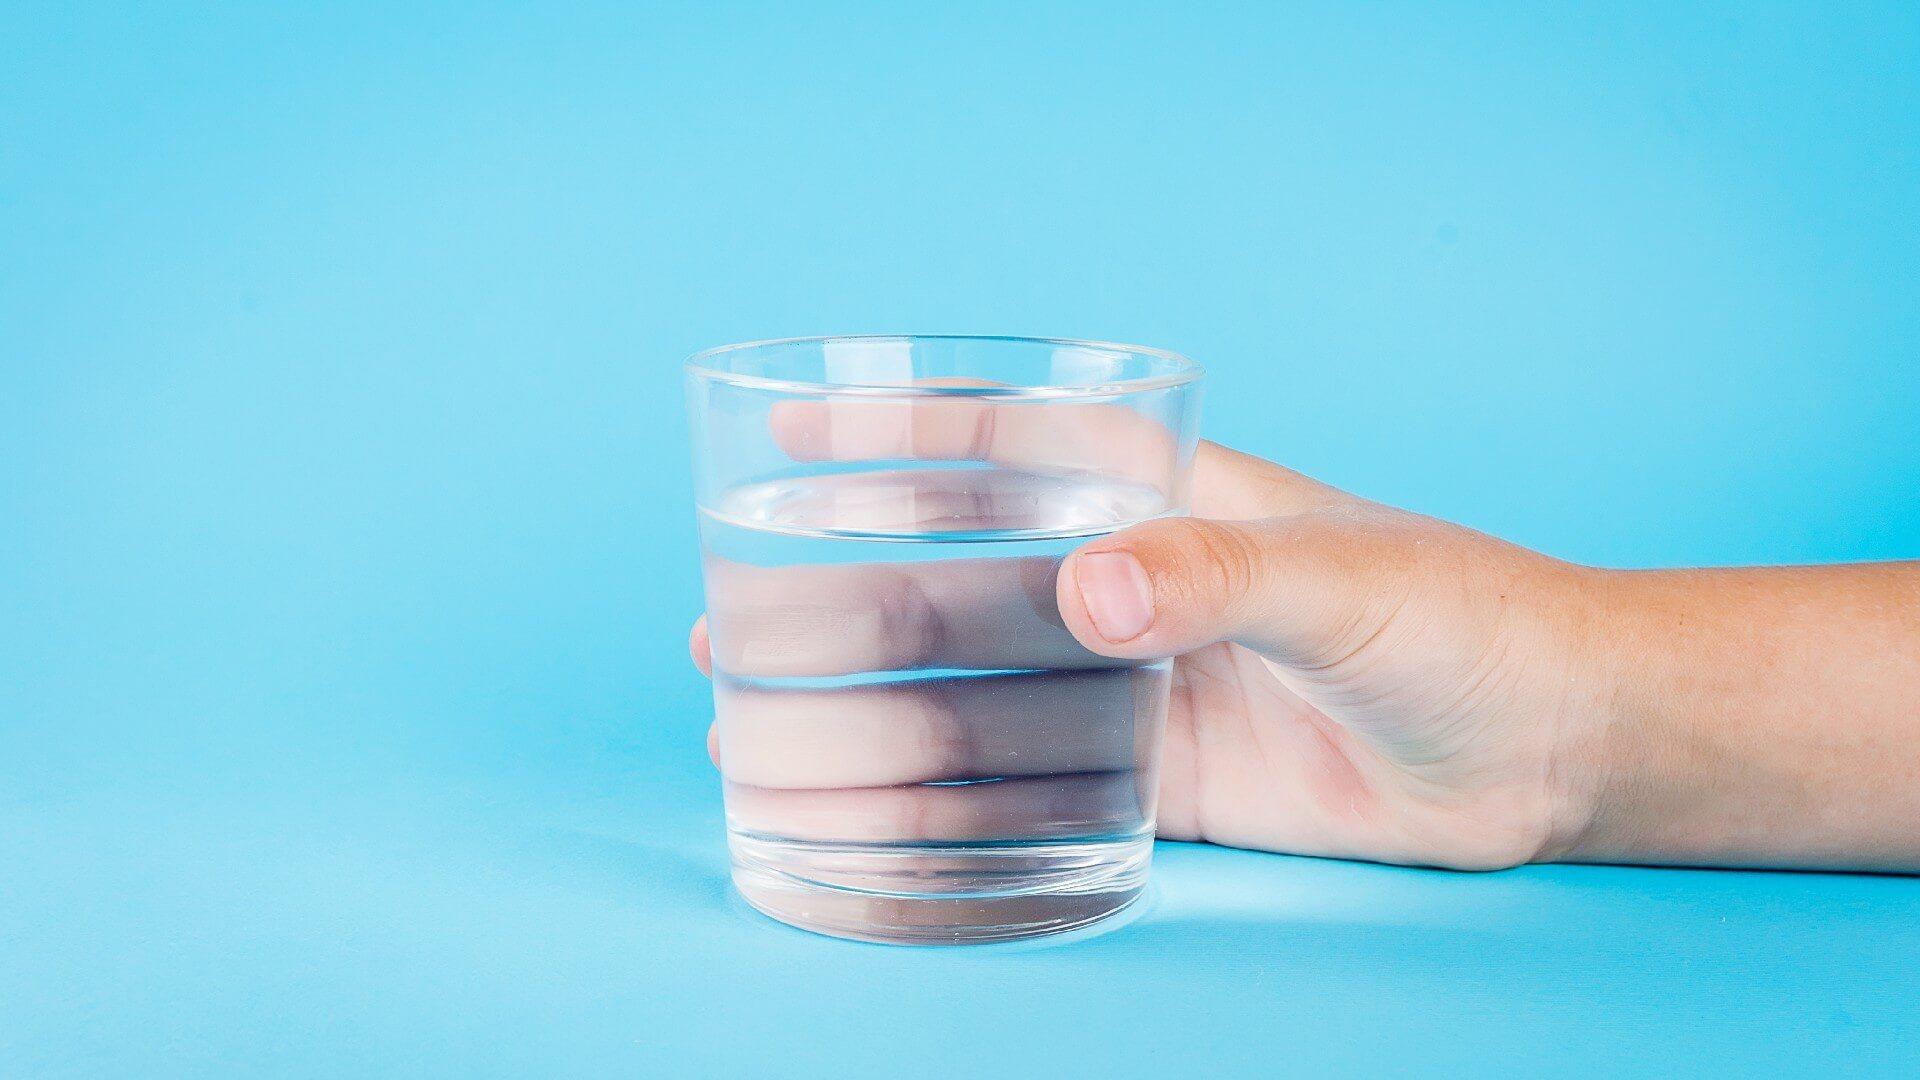 כוס מים קרים וצלולים ישירות ממתקן מים קרים וחמים